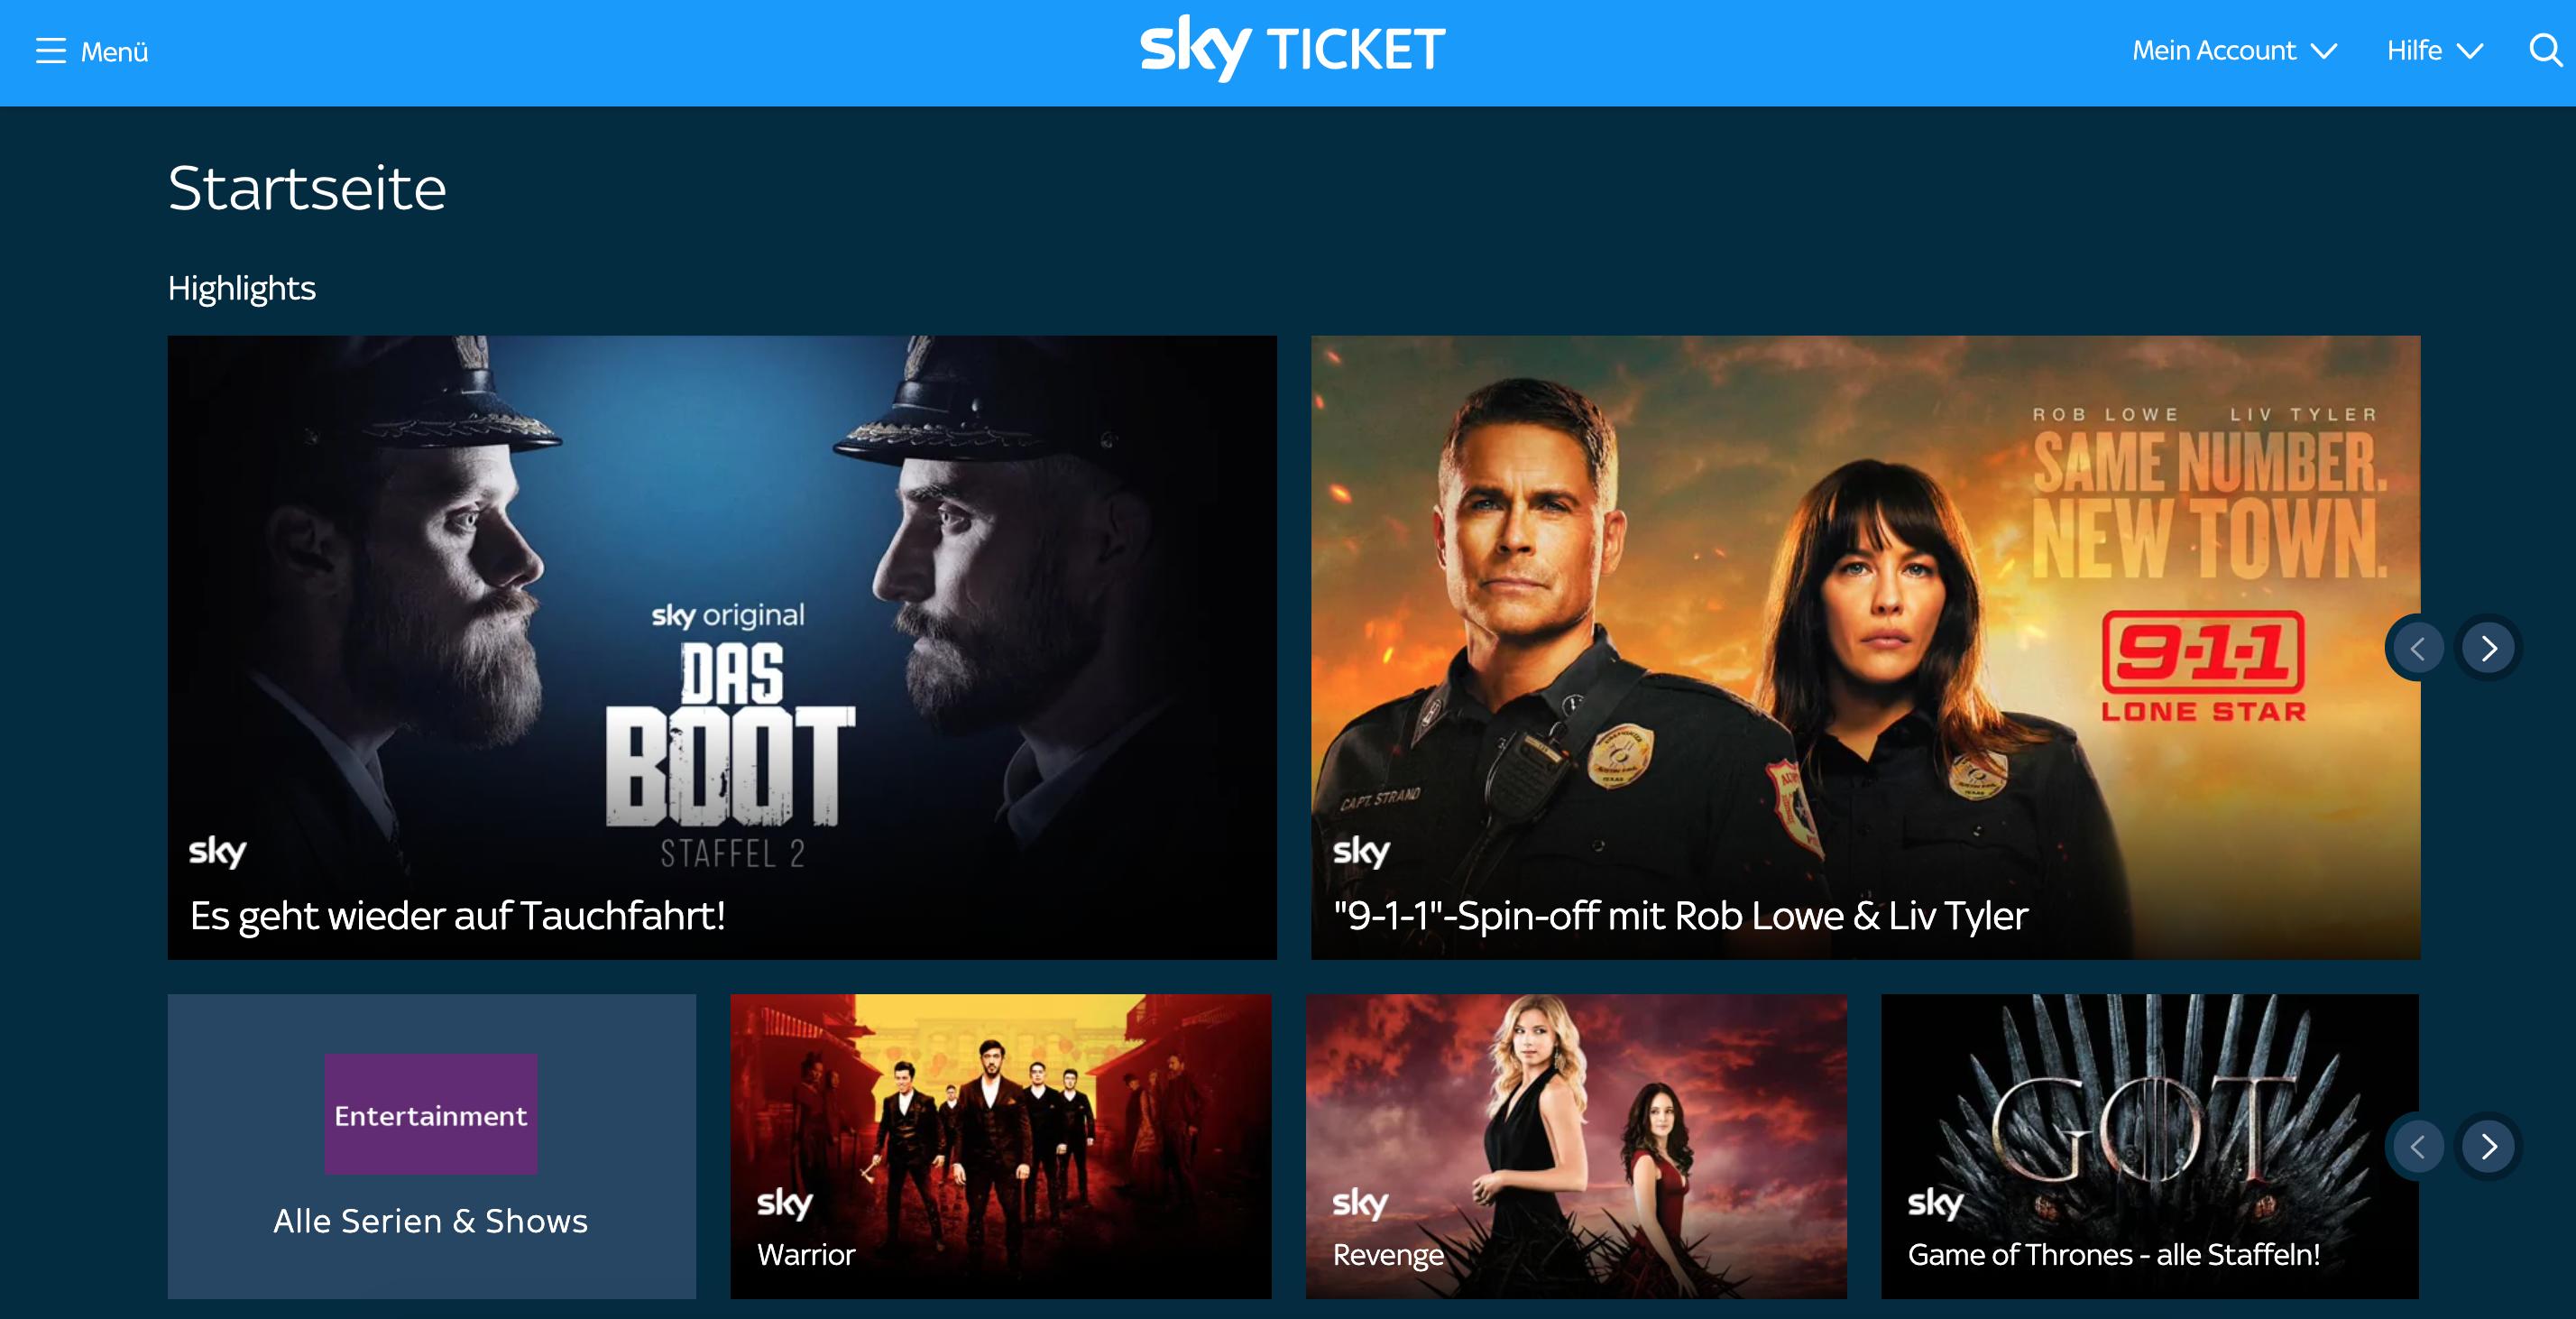 Sky ist bekannt dafür, gute deutsche Serien wie Das Boot exklusiv anzubieten. | Bild: Sky